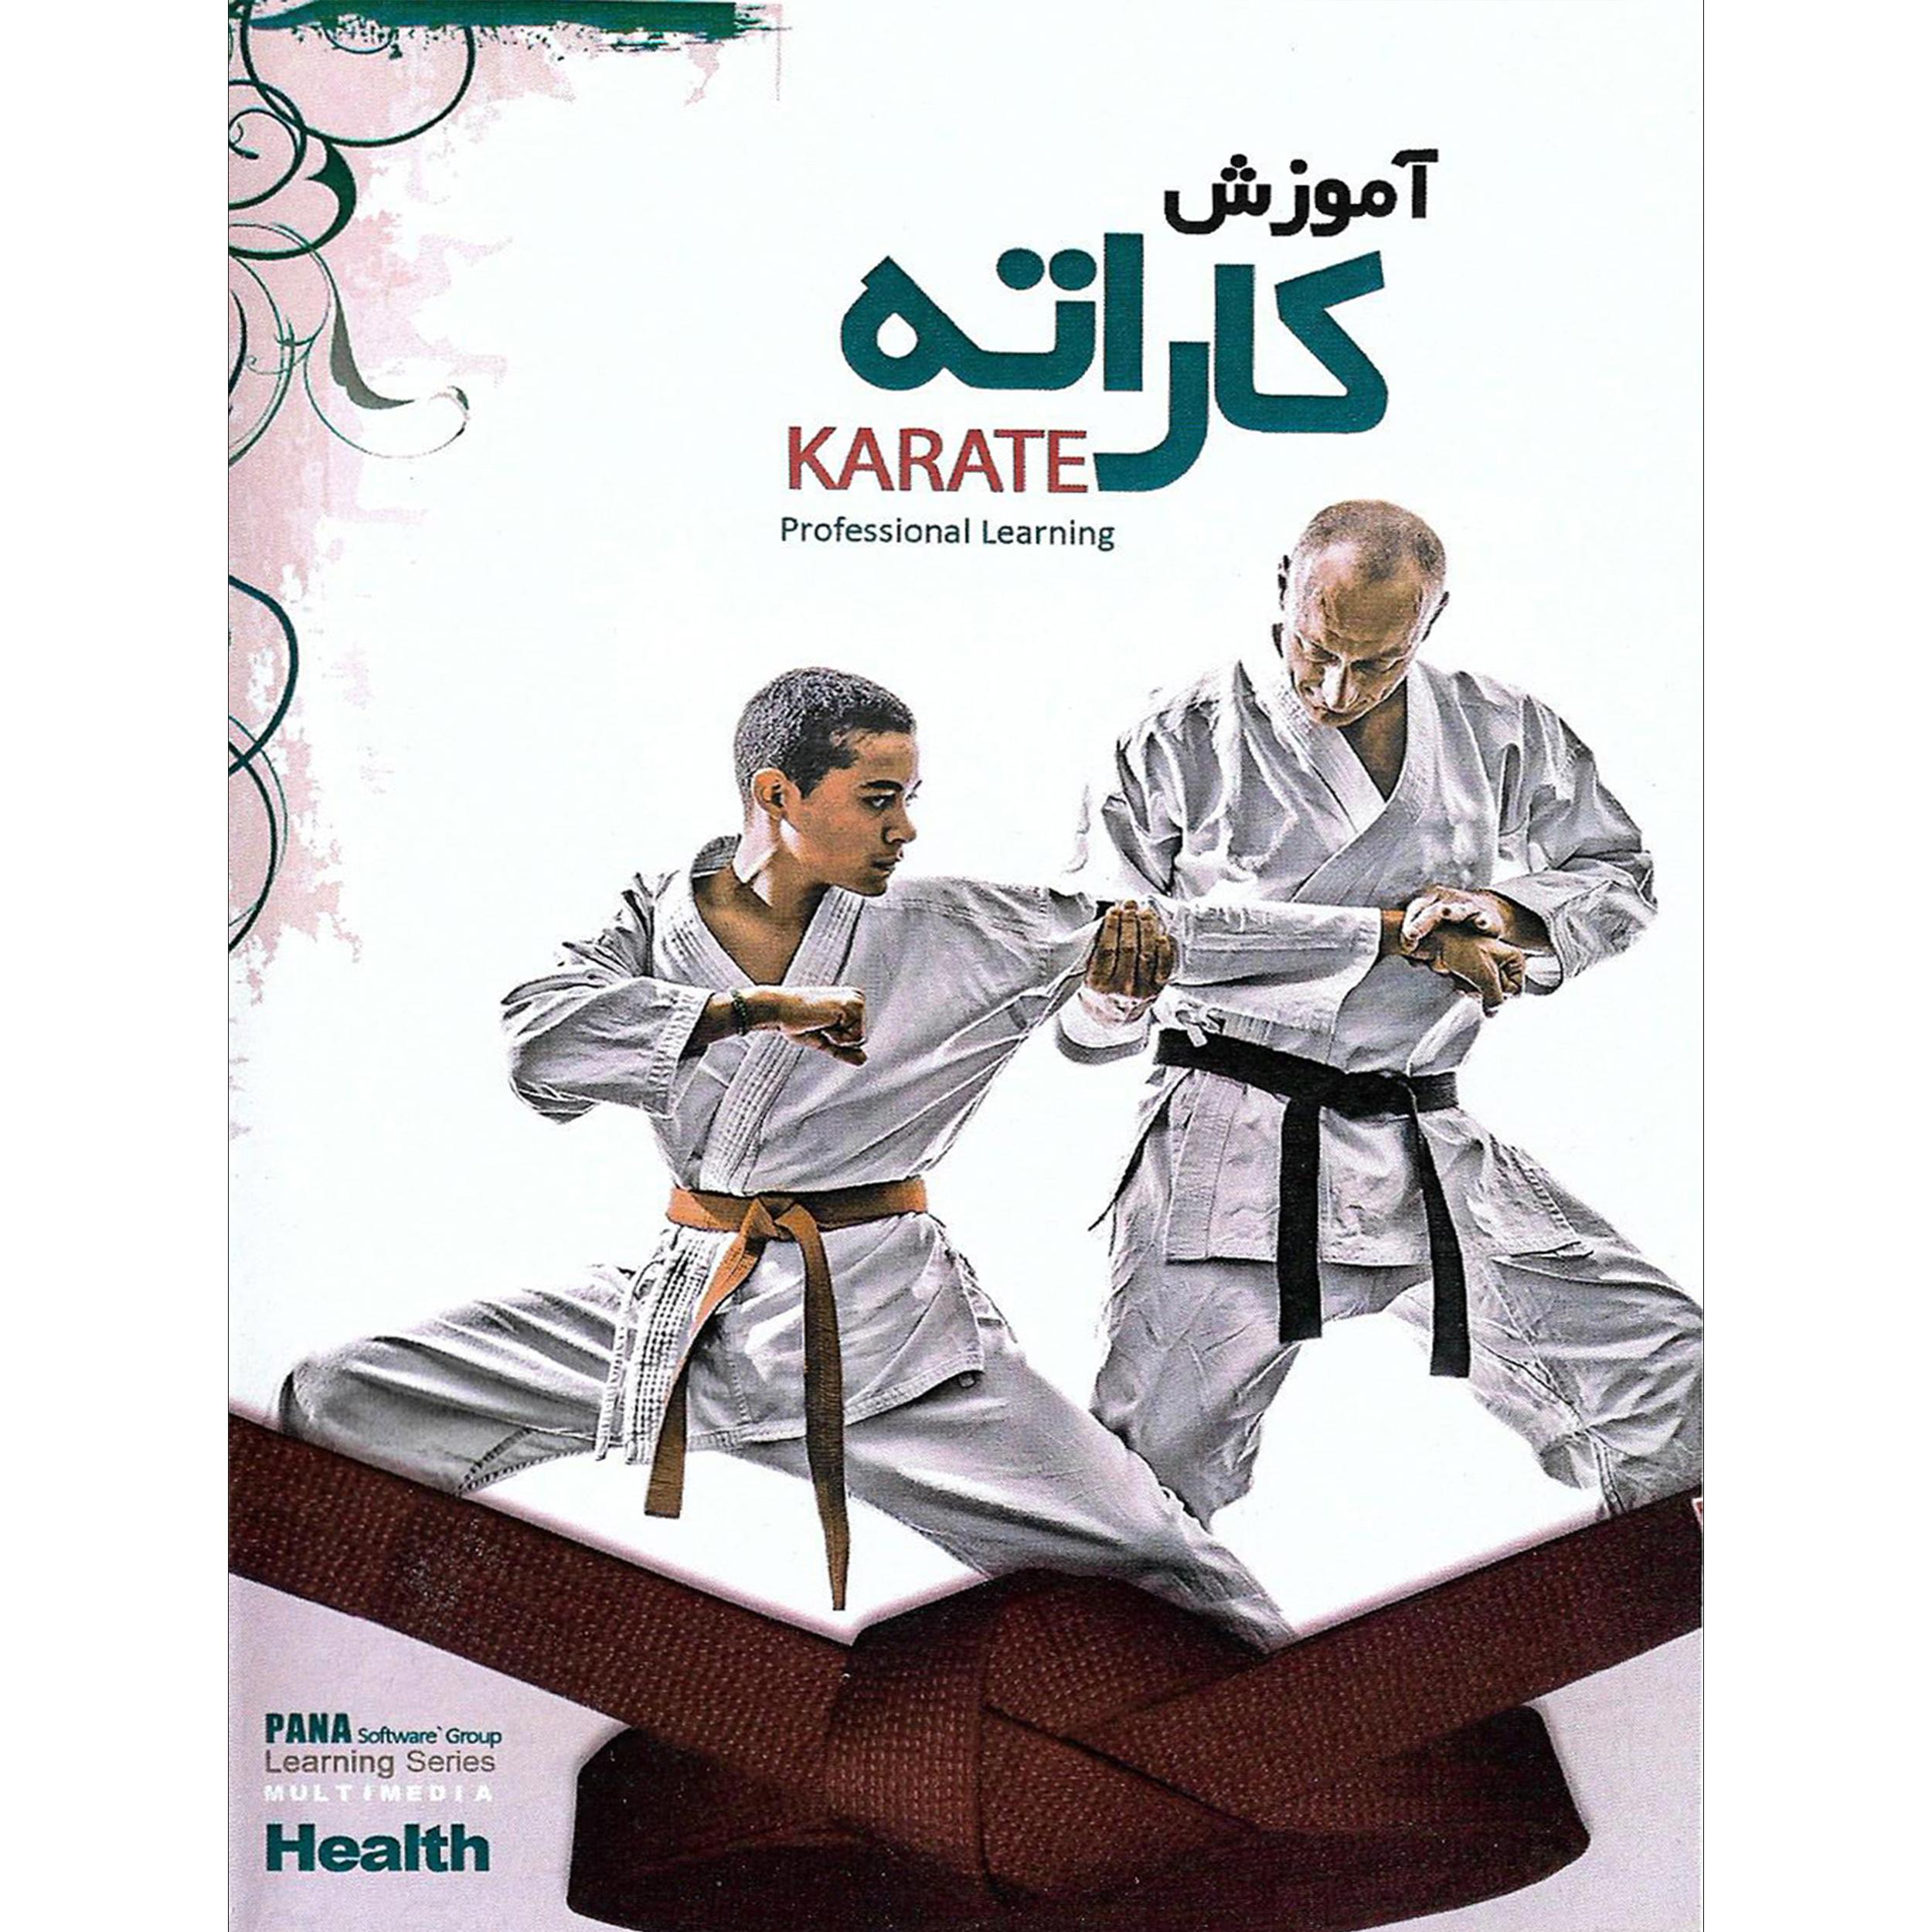 نرم افزار آموزش کاراته نشر پاناپرداز